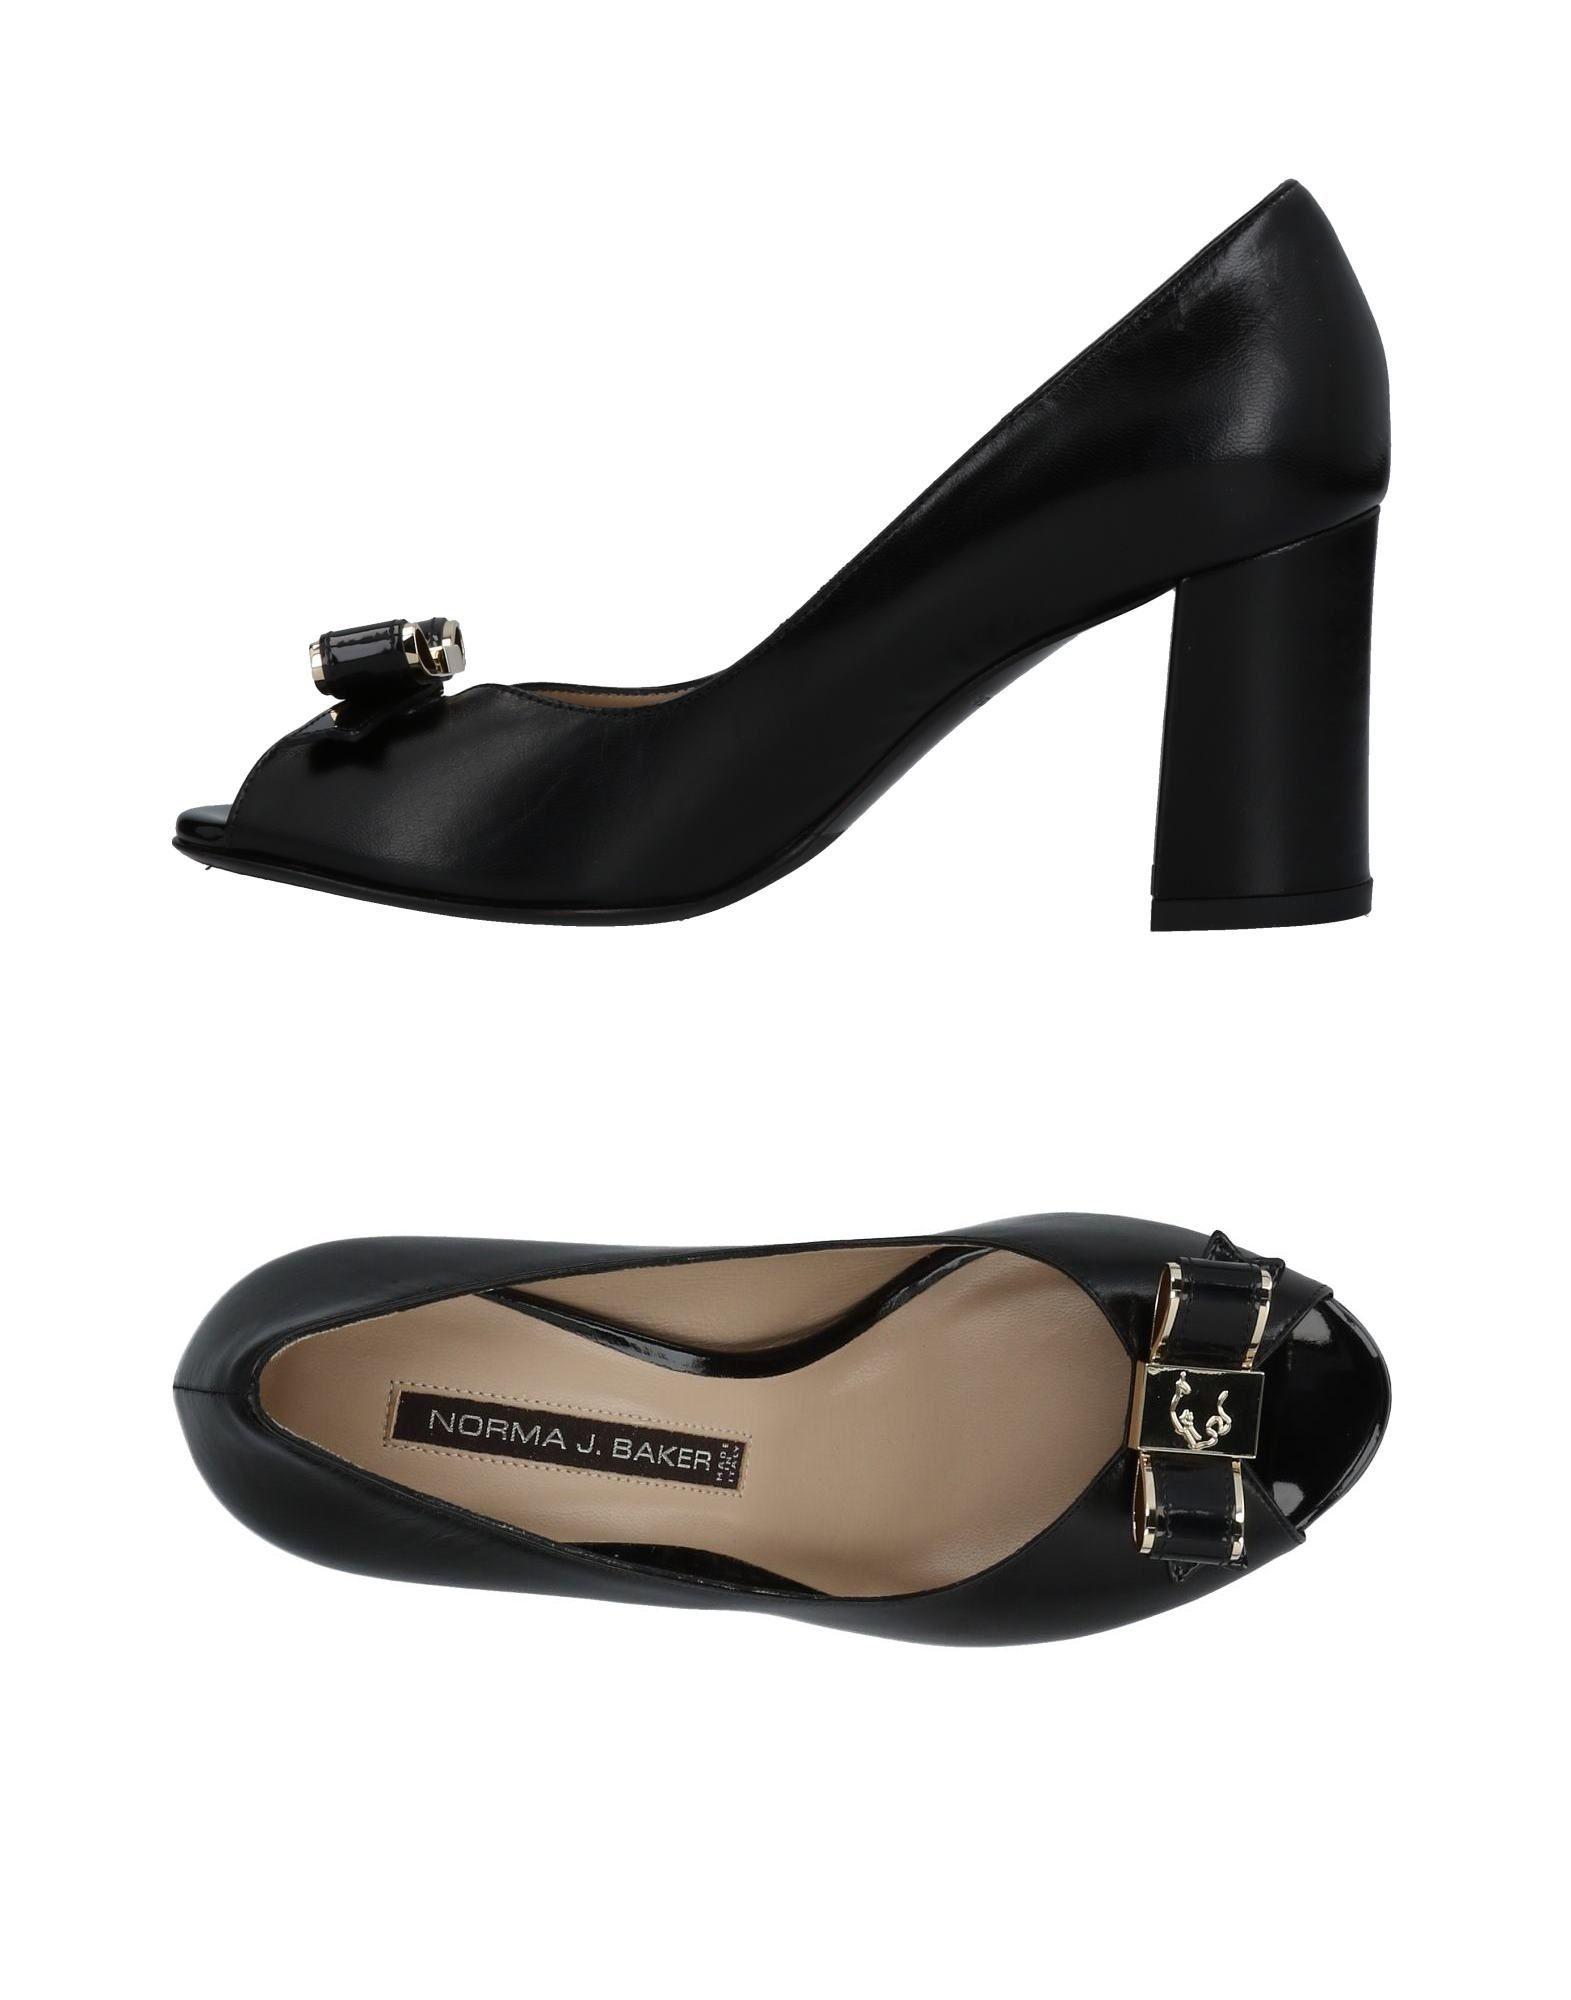 Gut J.Baker um billige Schuhe zu tragenNorma J.Baker Gut Pumps Damen  11461133MX 59c789